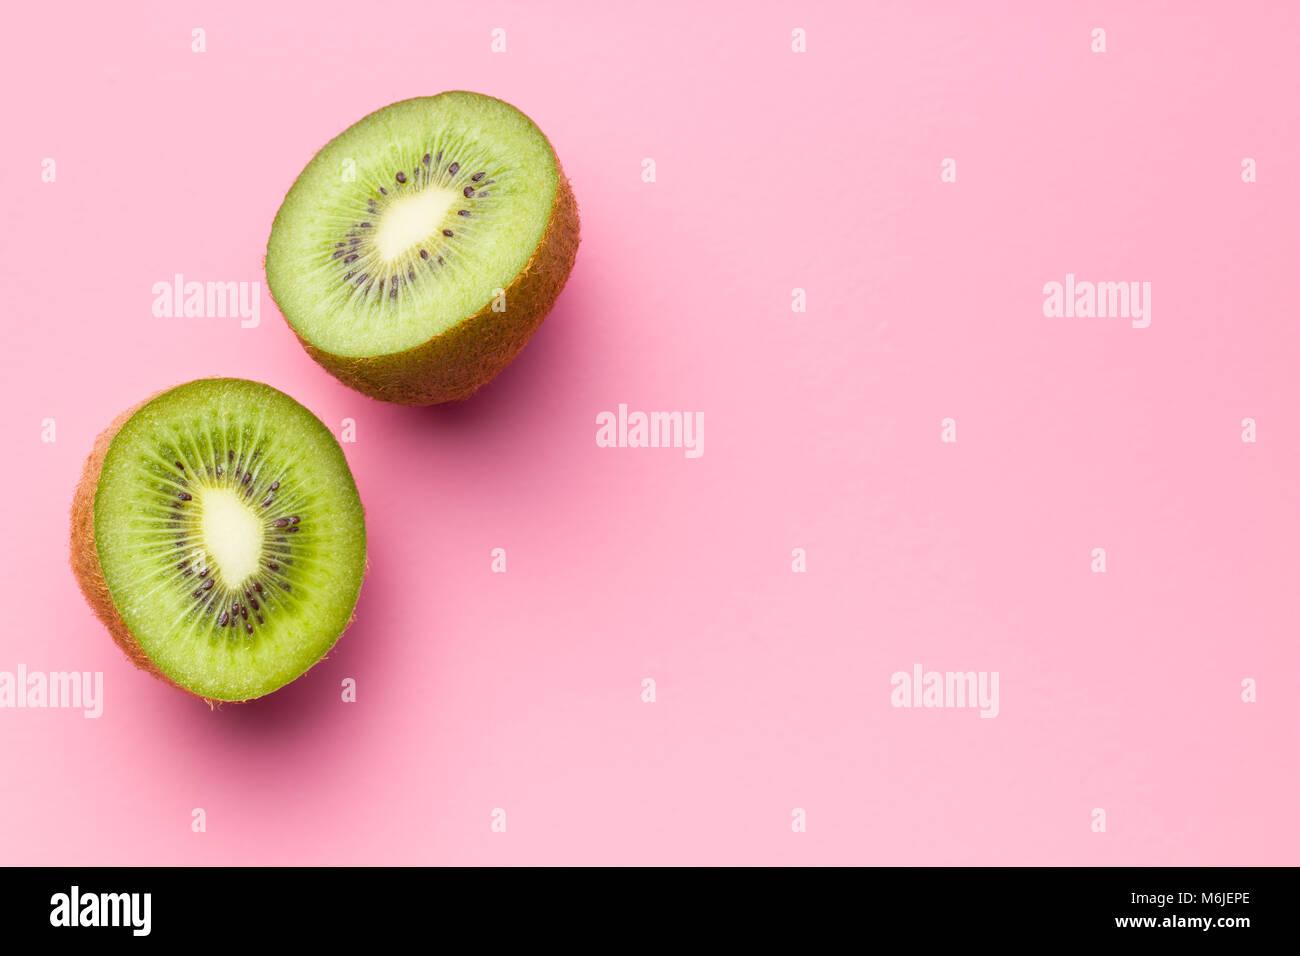 Halved kiwi fruit on pink background. - Stock Image